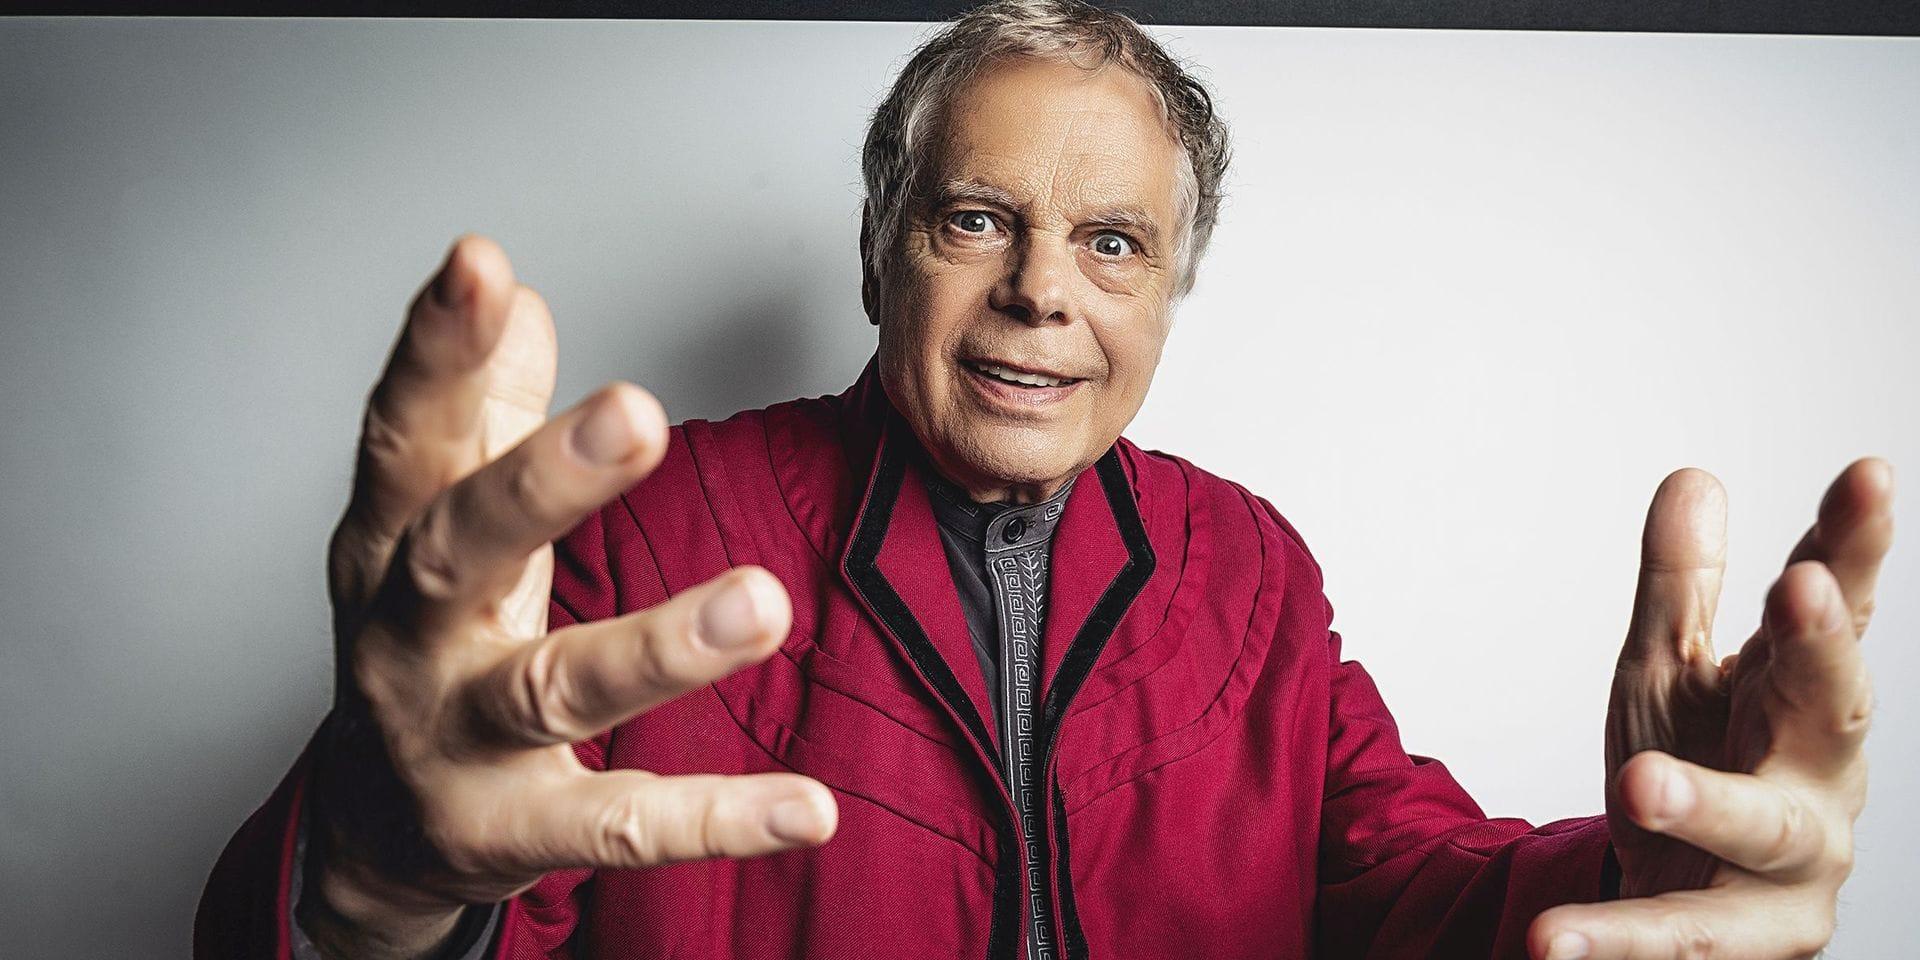 """Gérard Majax, le magicien star des années 80, n'a pas dit son dernier truc: """"Quand on dépasse les trente ans, on n'est plus bienvenu"""""""